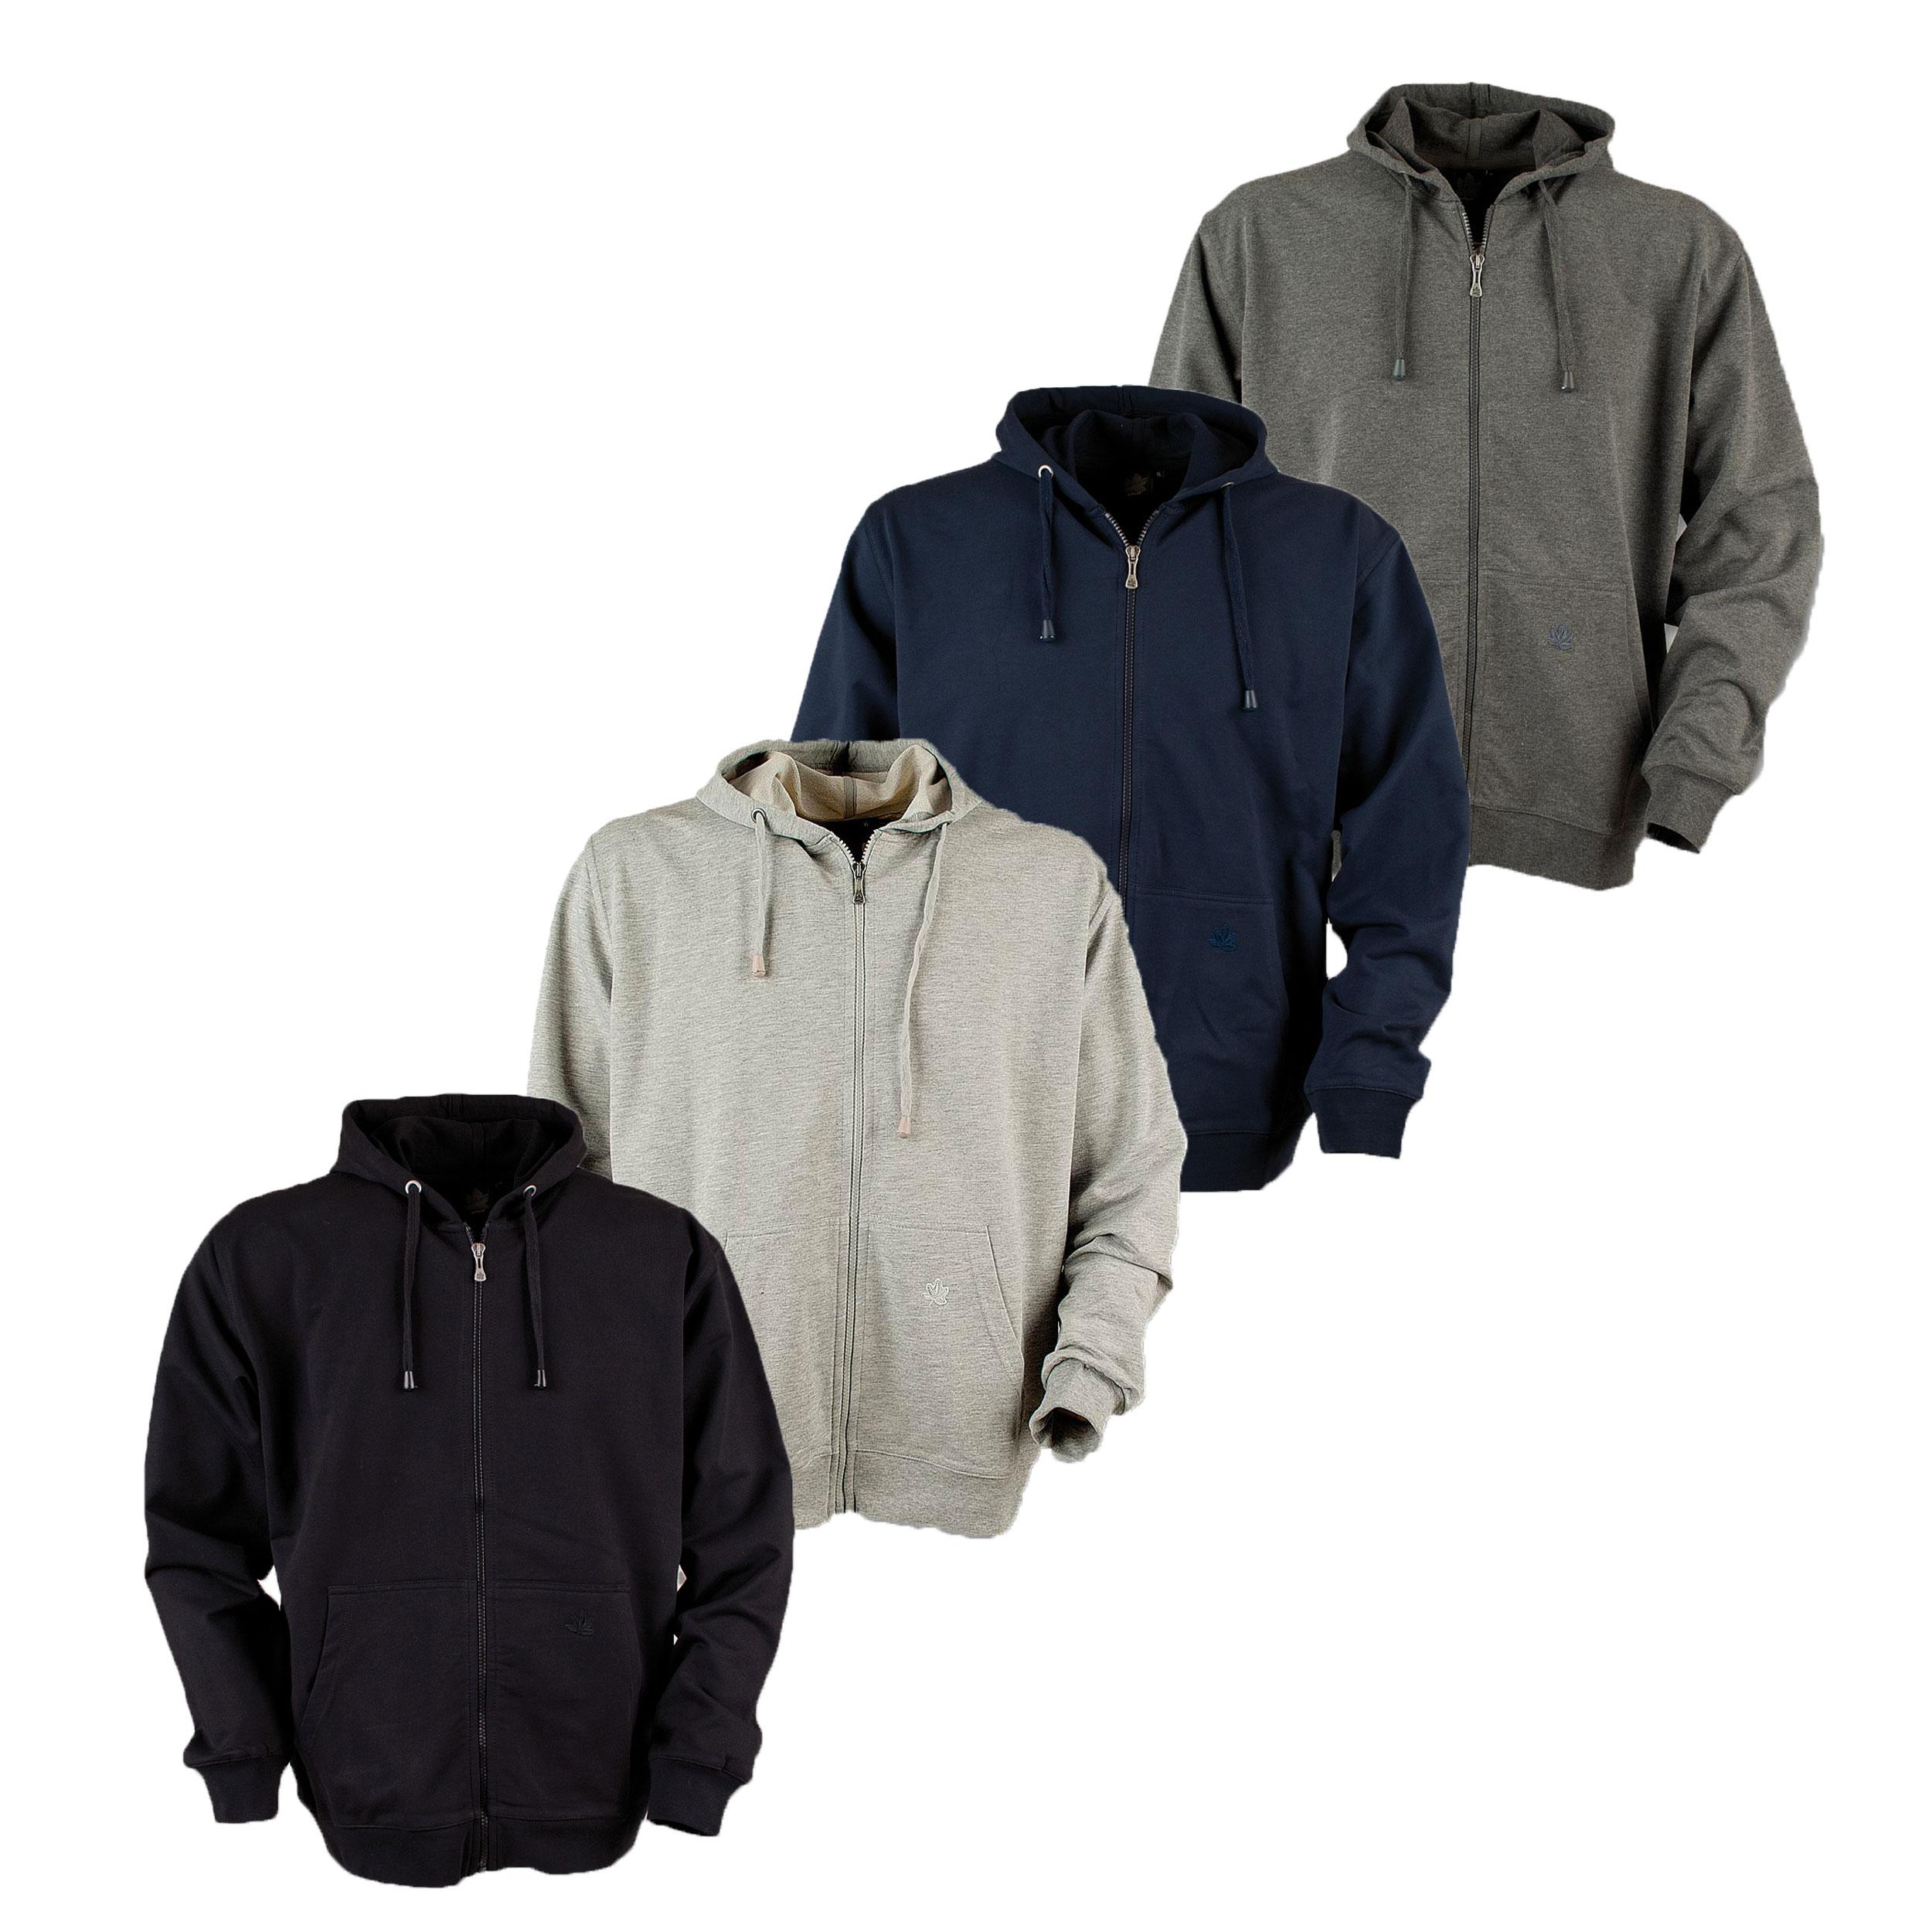 Ahorn Sportswear Basic Hoody